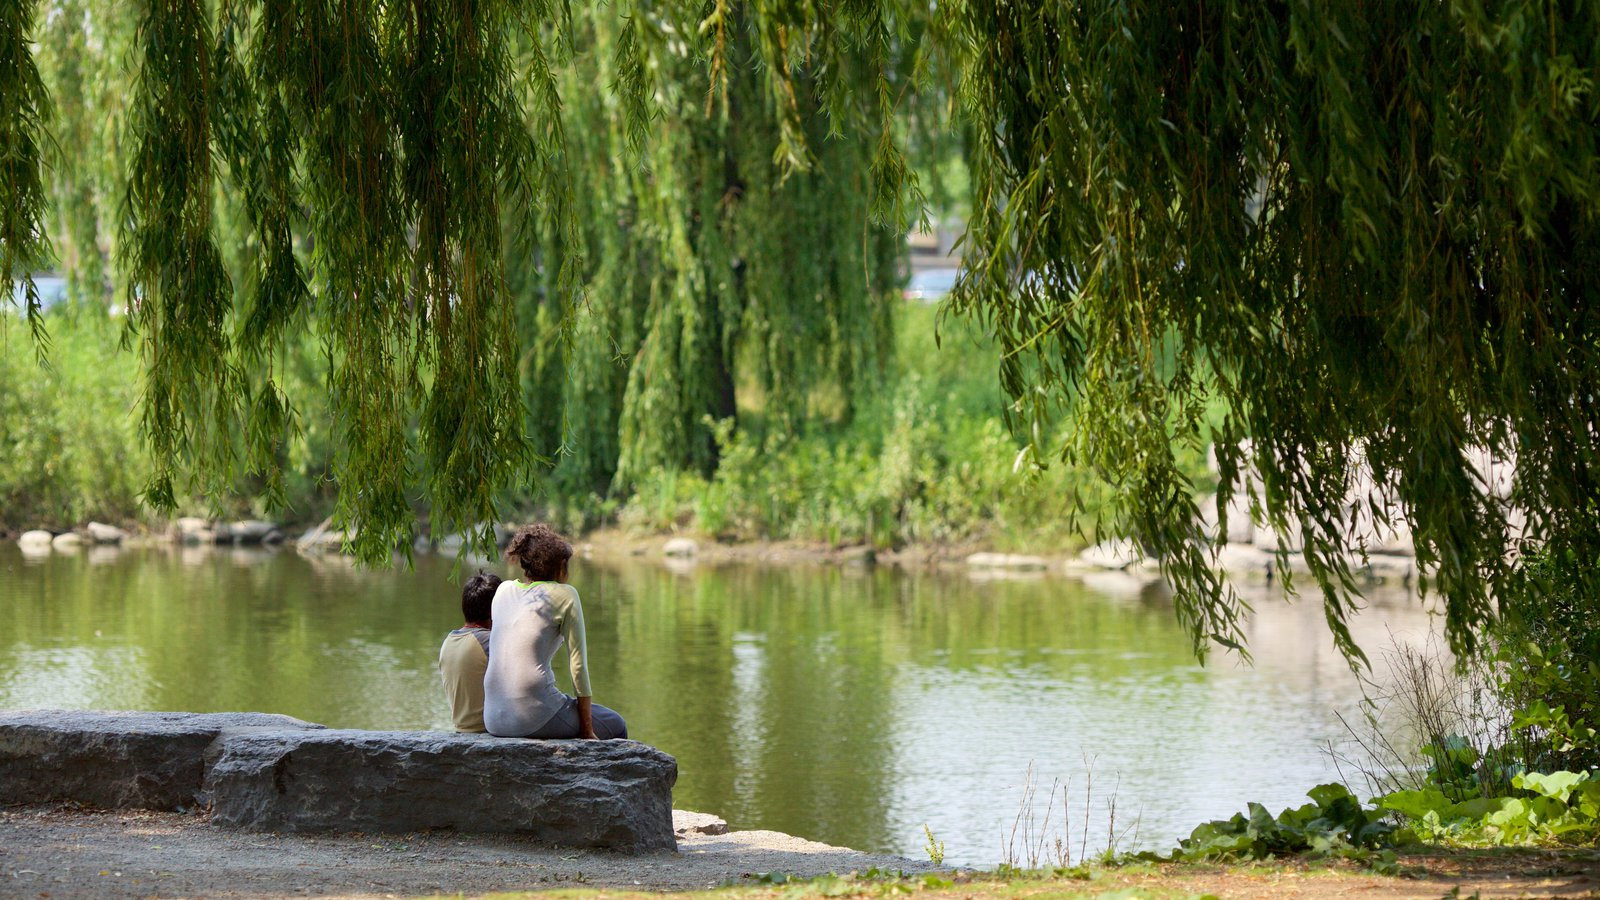 Brampton que inclui um lago e um parque assim como um casal